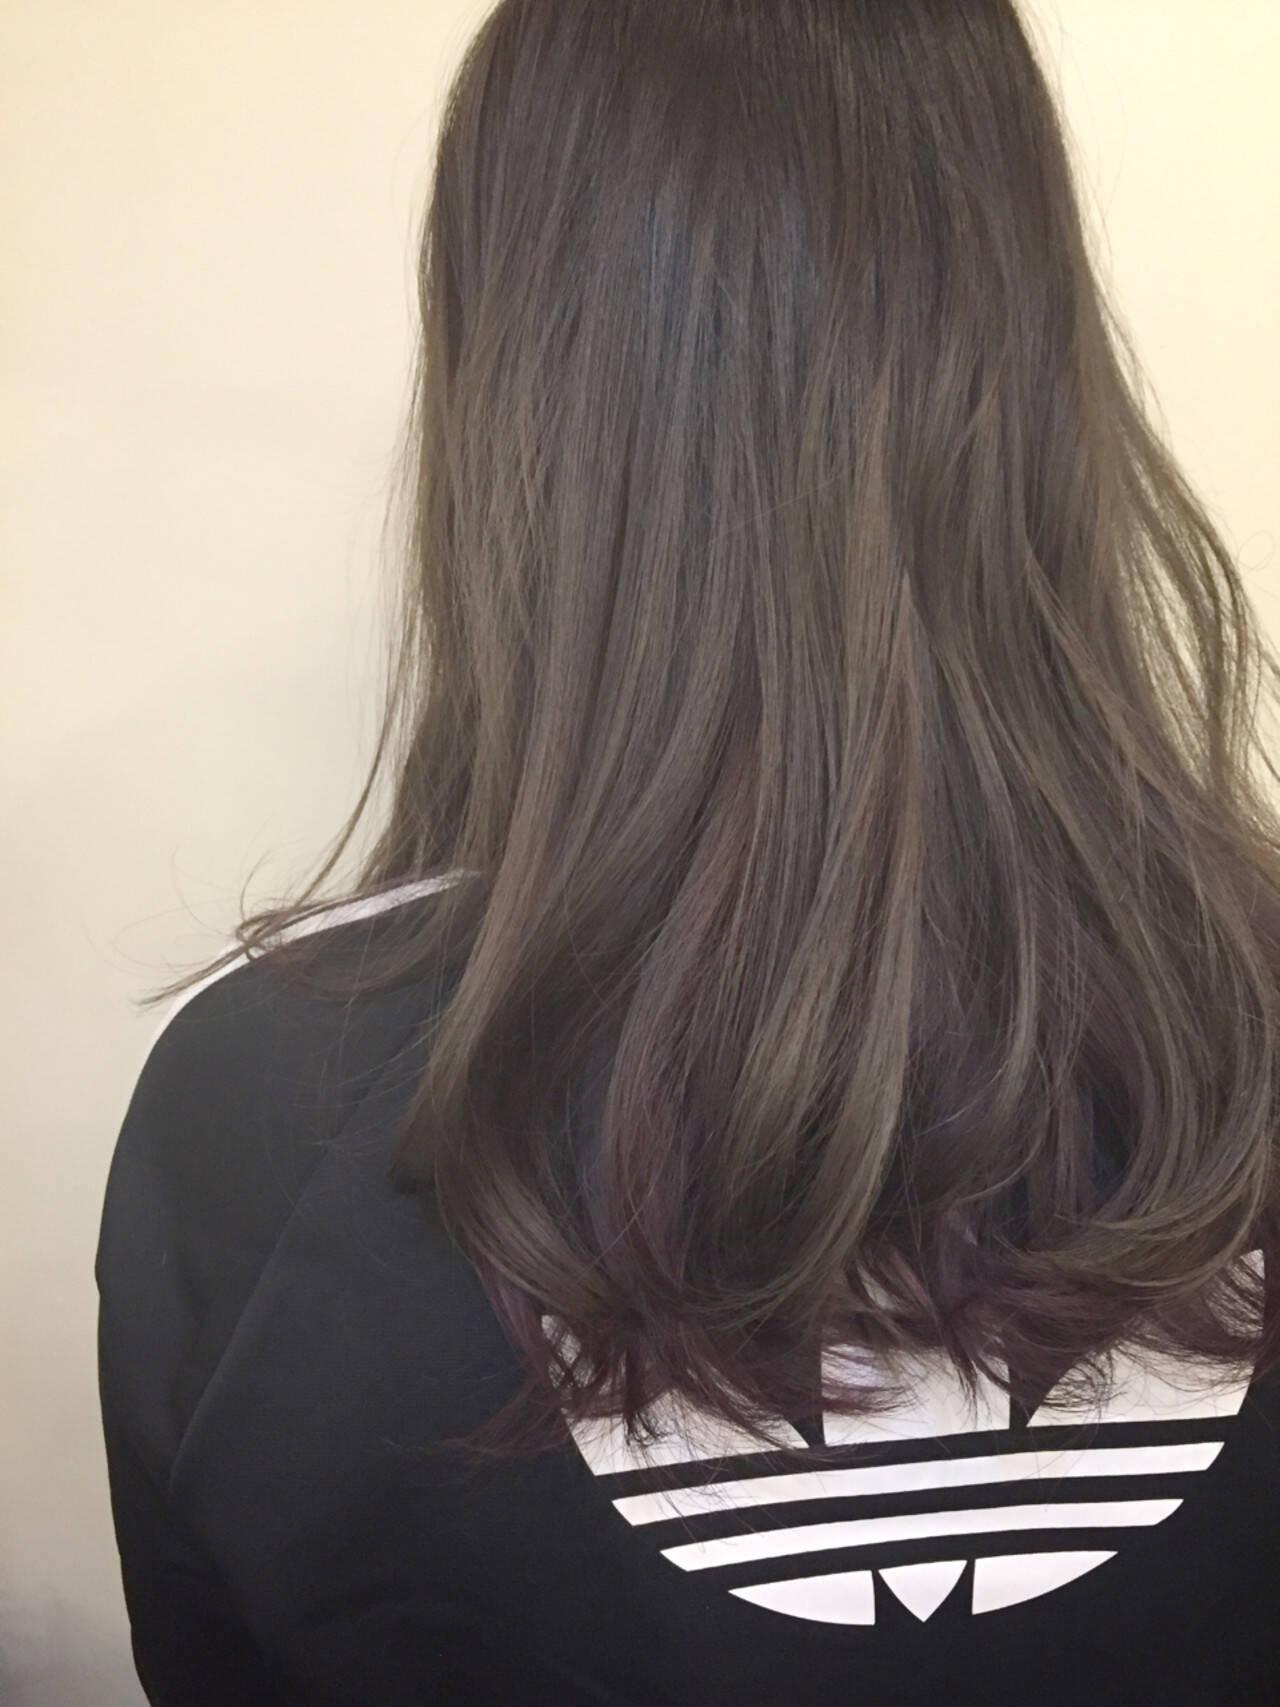 モード インナーカラー アッシュ セミロングヘアスタイルや髪型の写真・画像